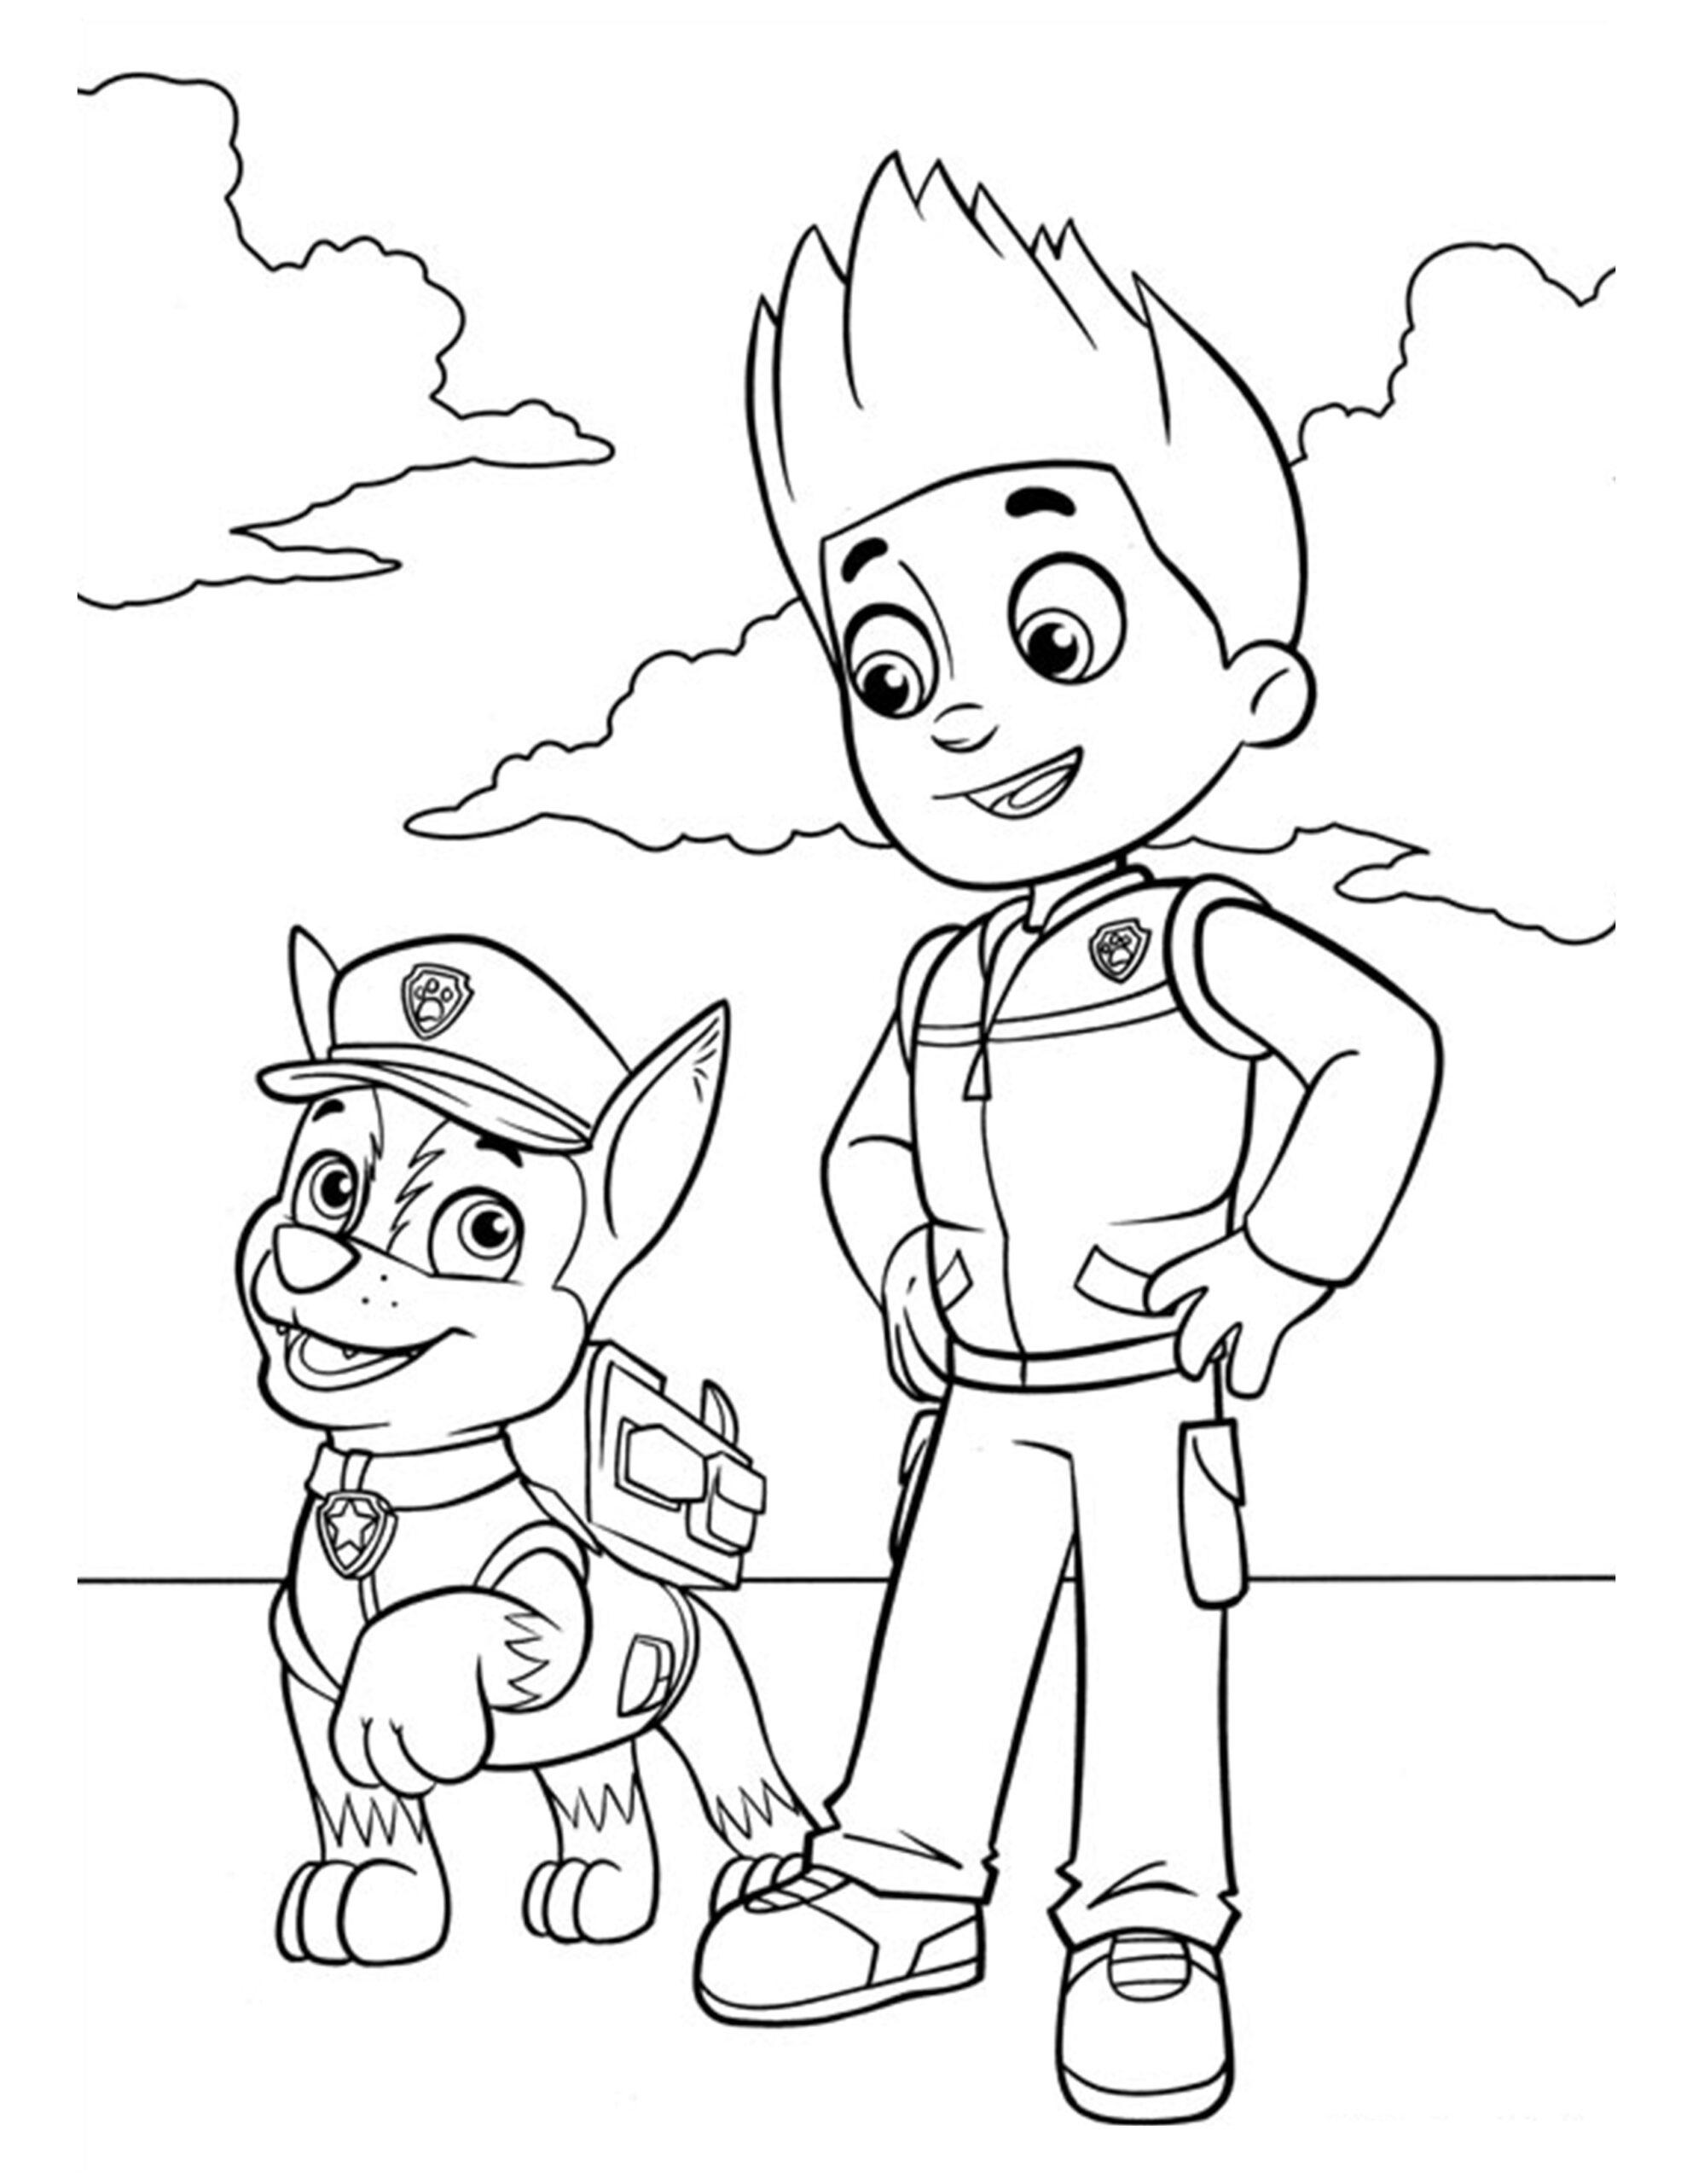 tekening inkleuren paw patrol